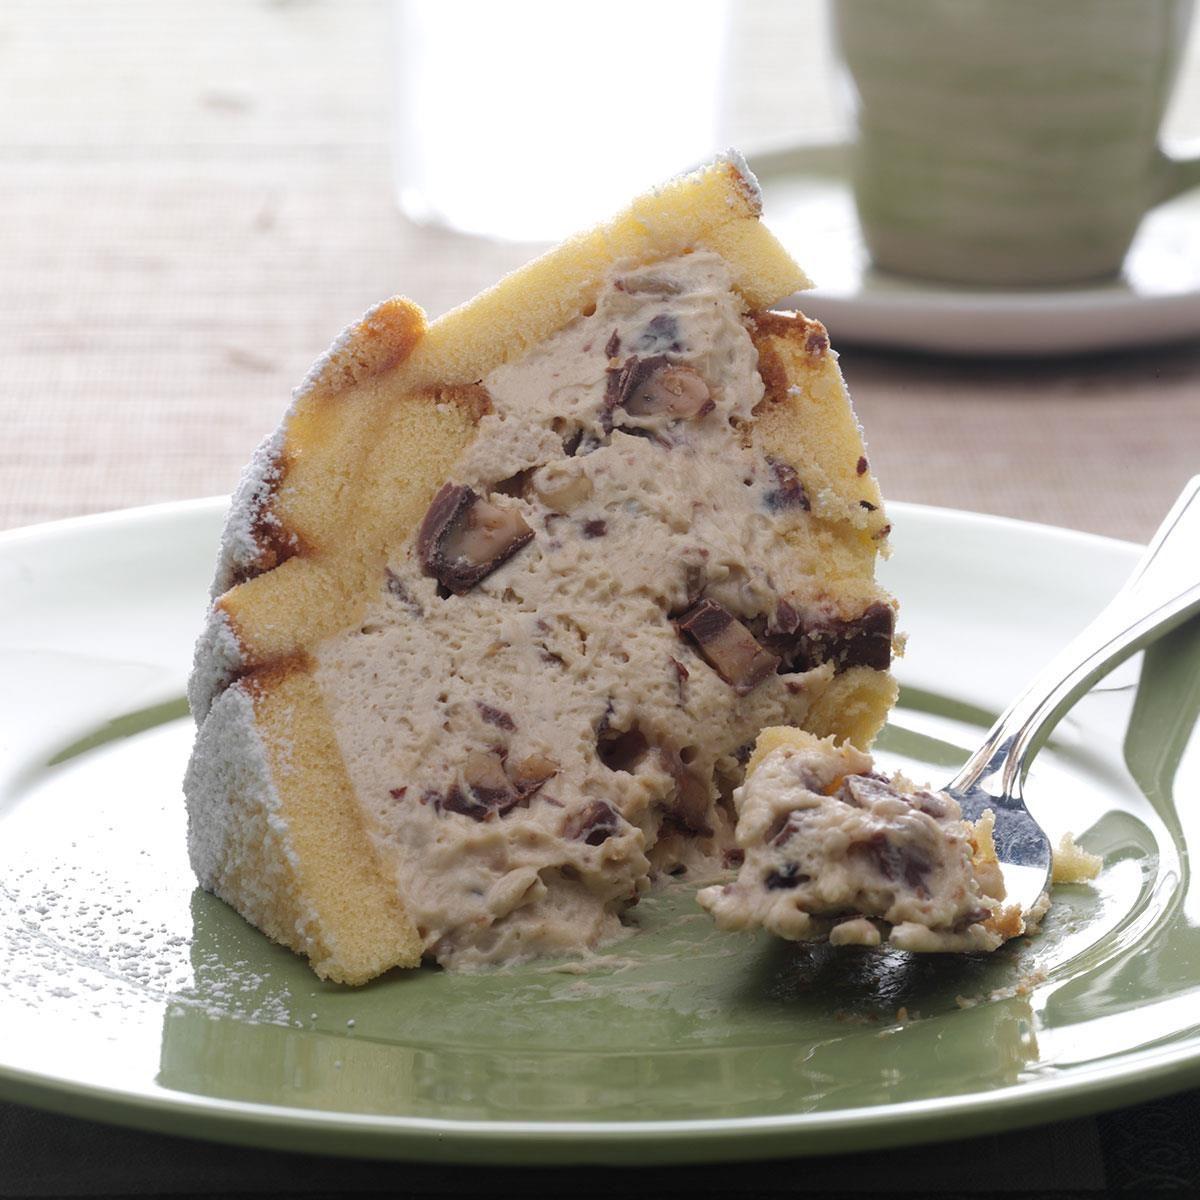 70 Saucy Creamy And Cheesy Italian Christmas Food Recipes: Hazelnut Toffee Zuccotto Recipe